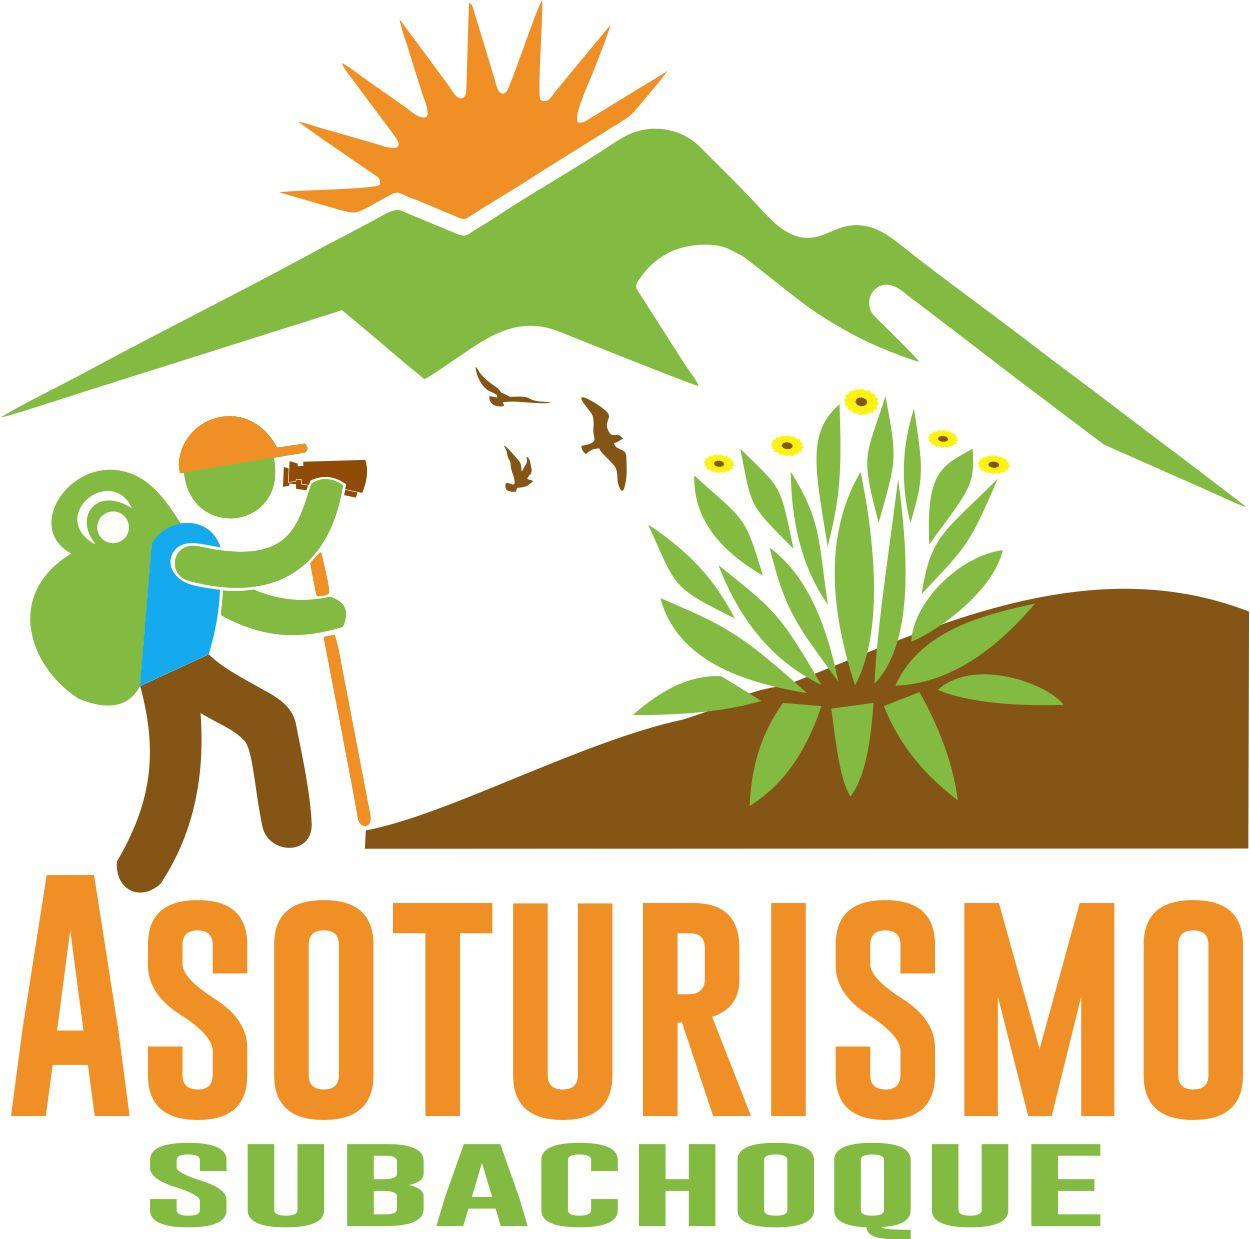 ASOTURISMO